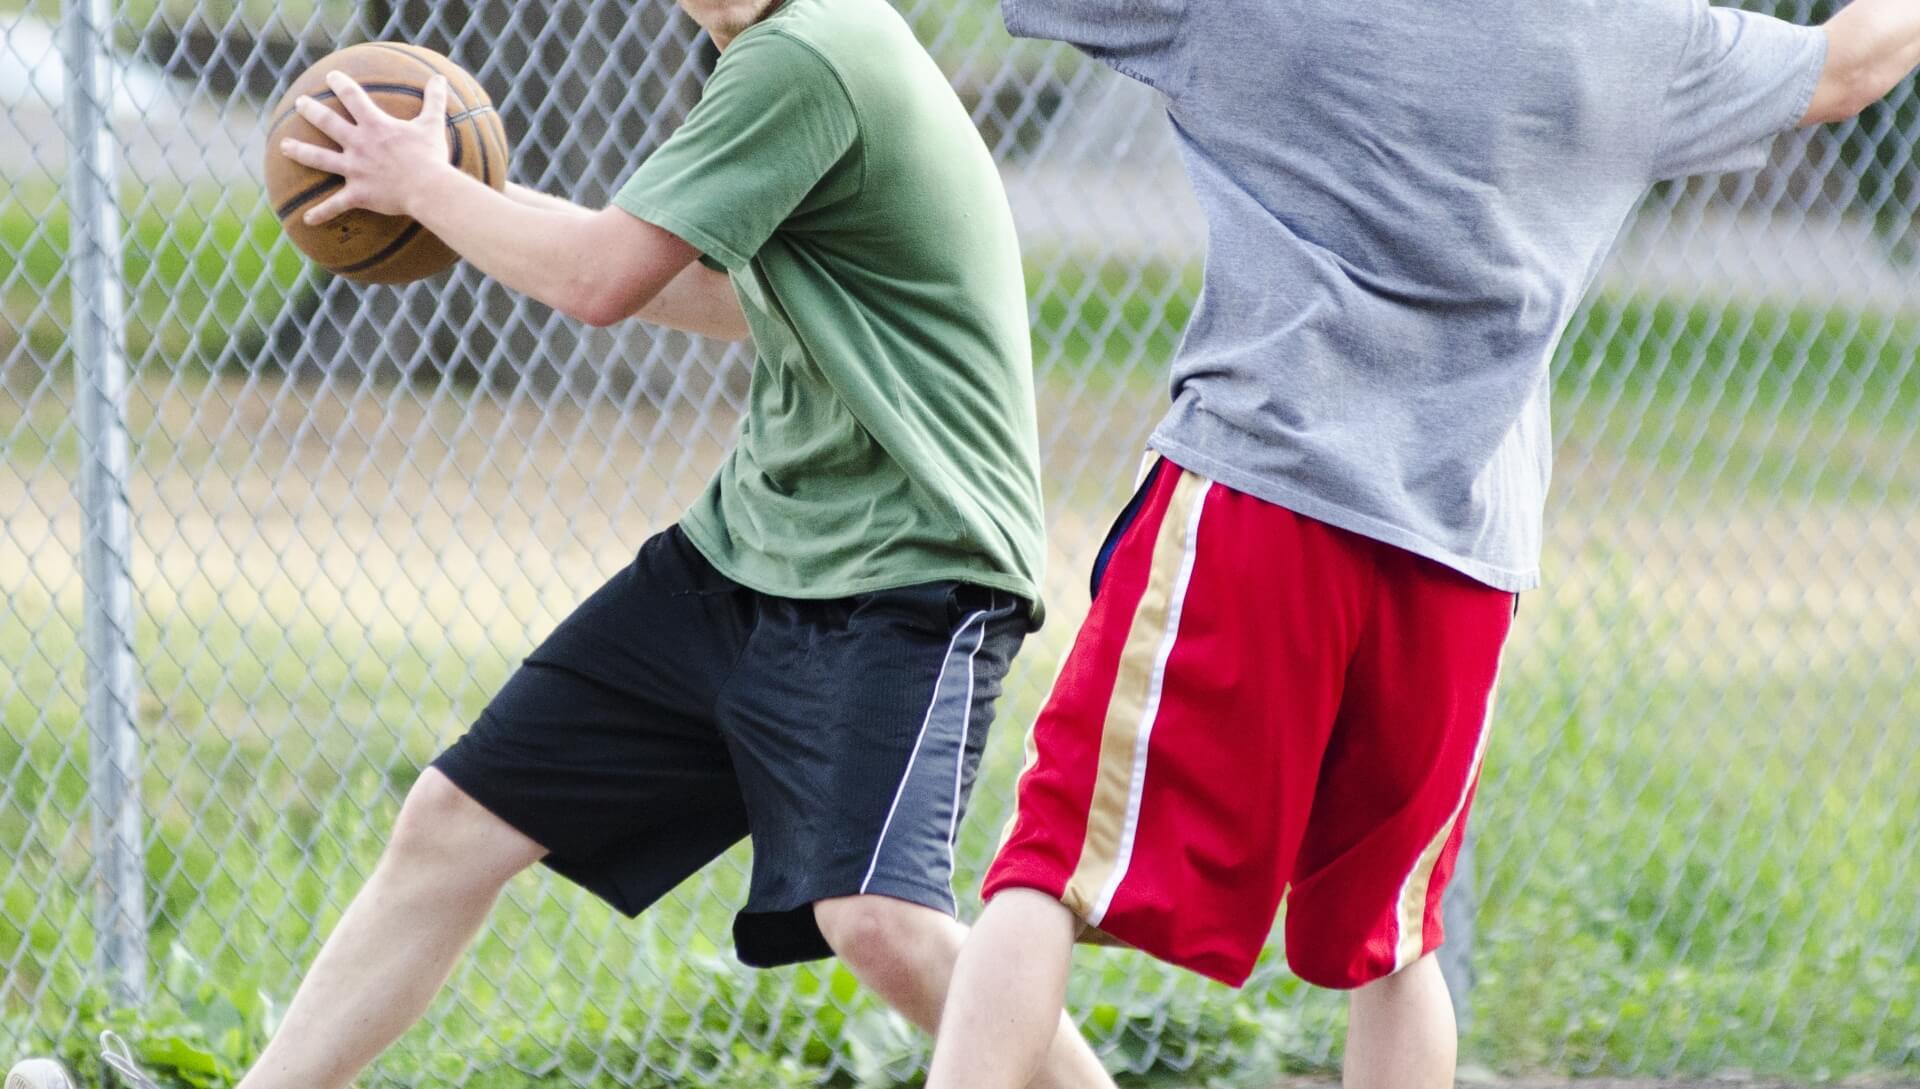 バスケで1対1になった時に使えるドリブル技とその練習法